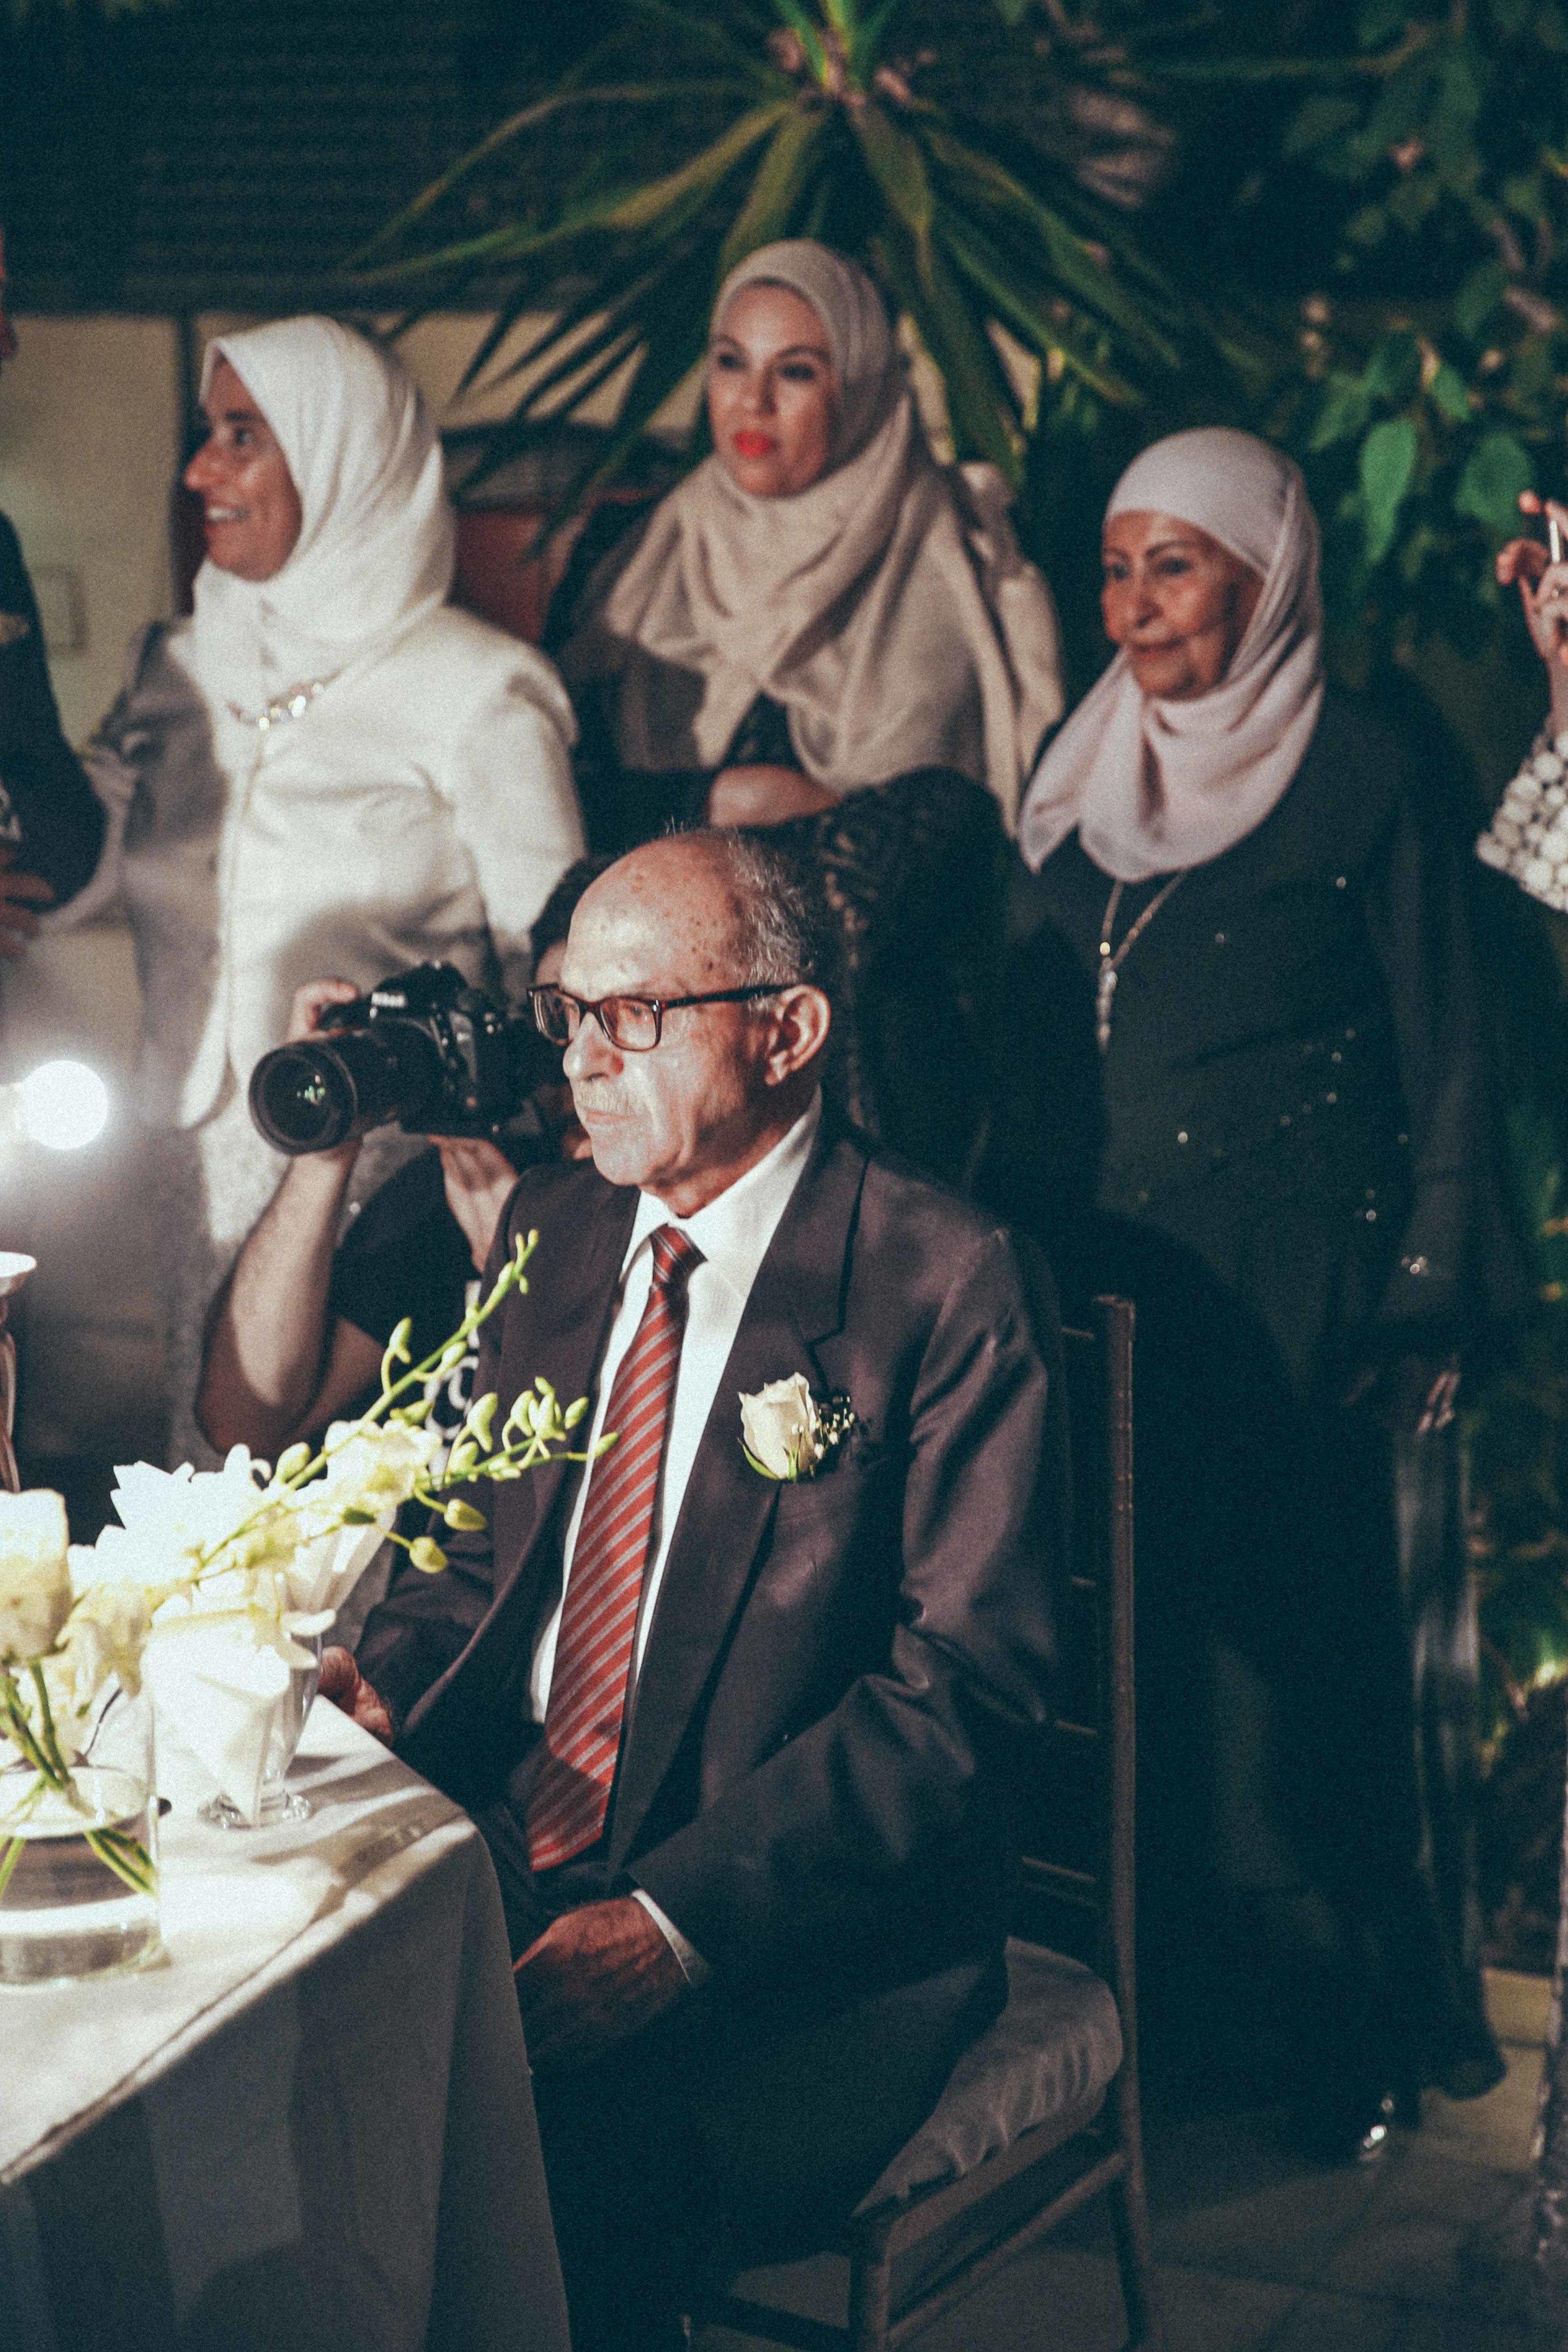 wedding-2978.jpg